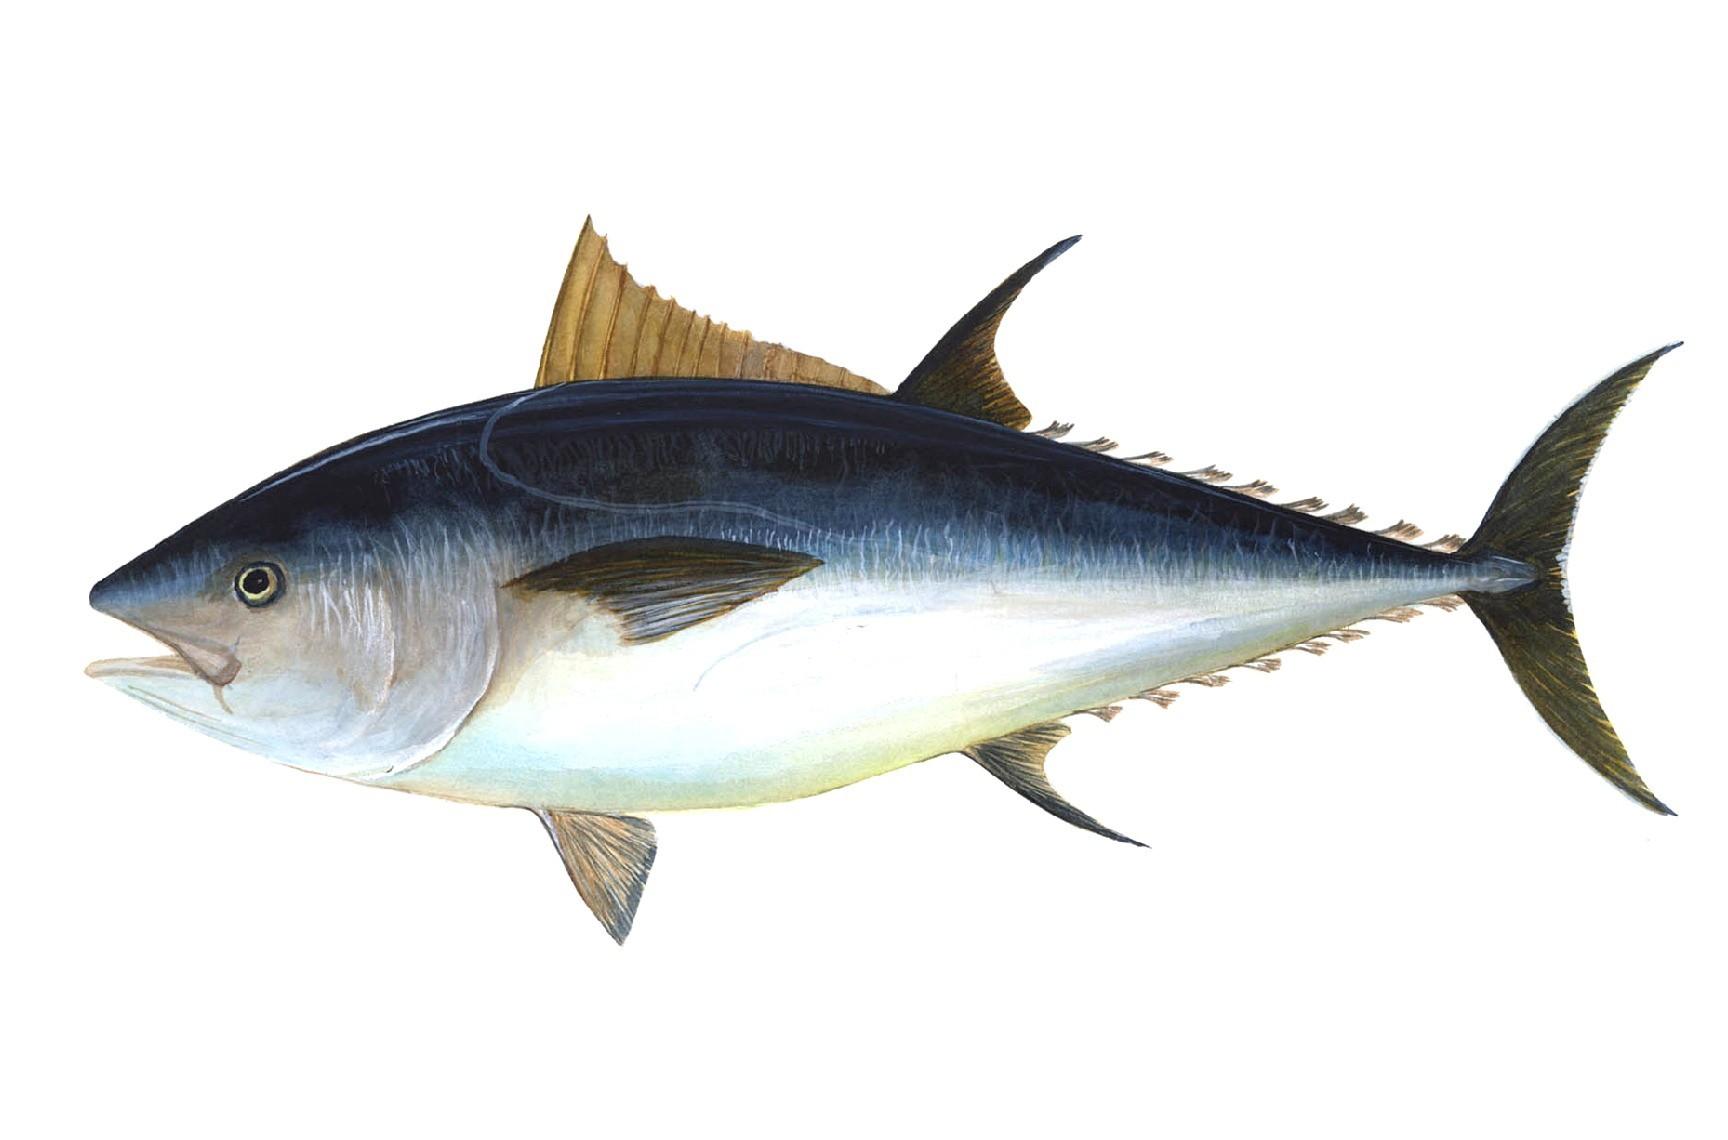 El atún rojo, el pescado azul más codiciado y deseado